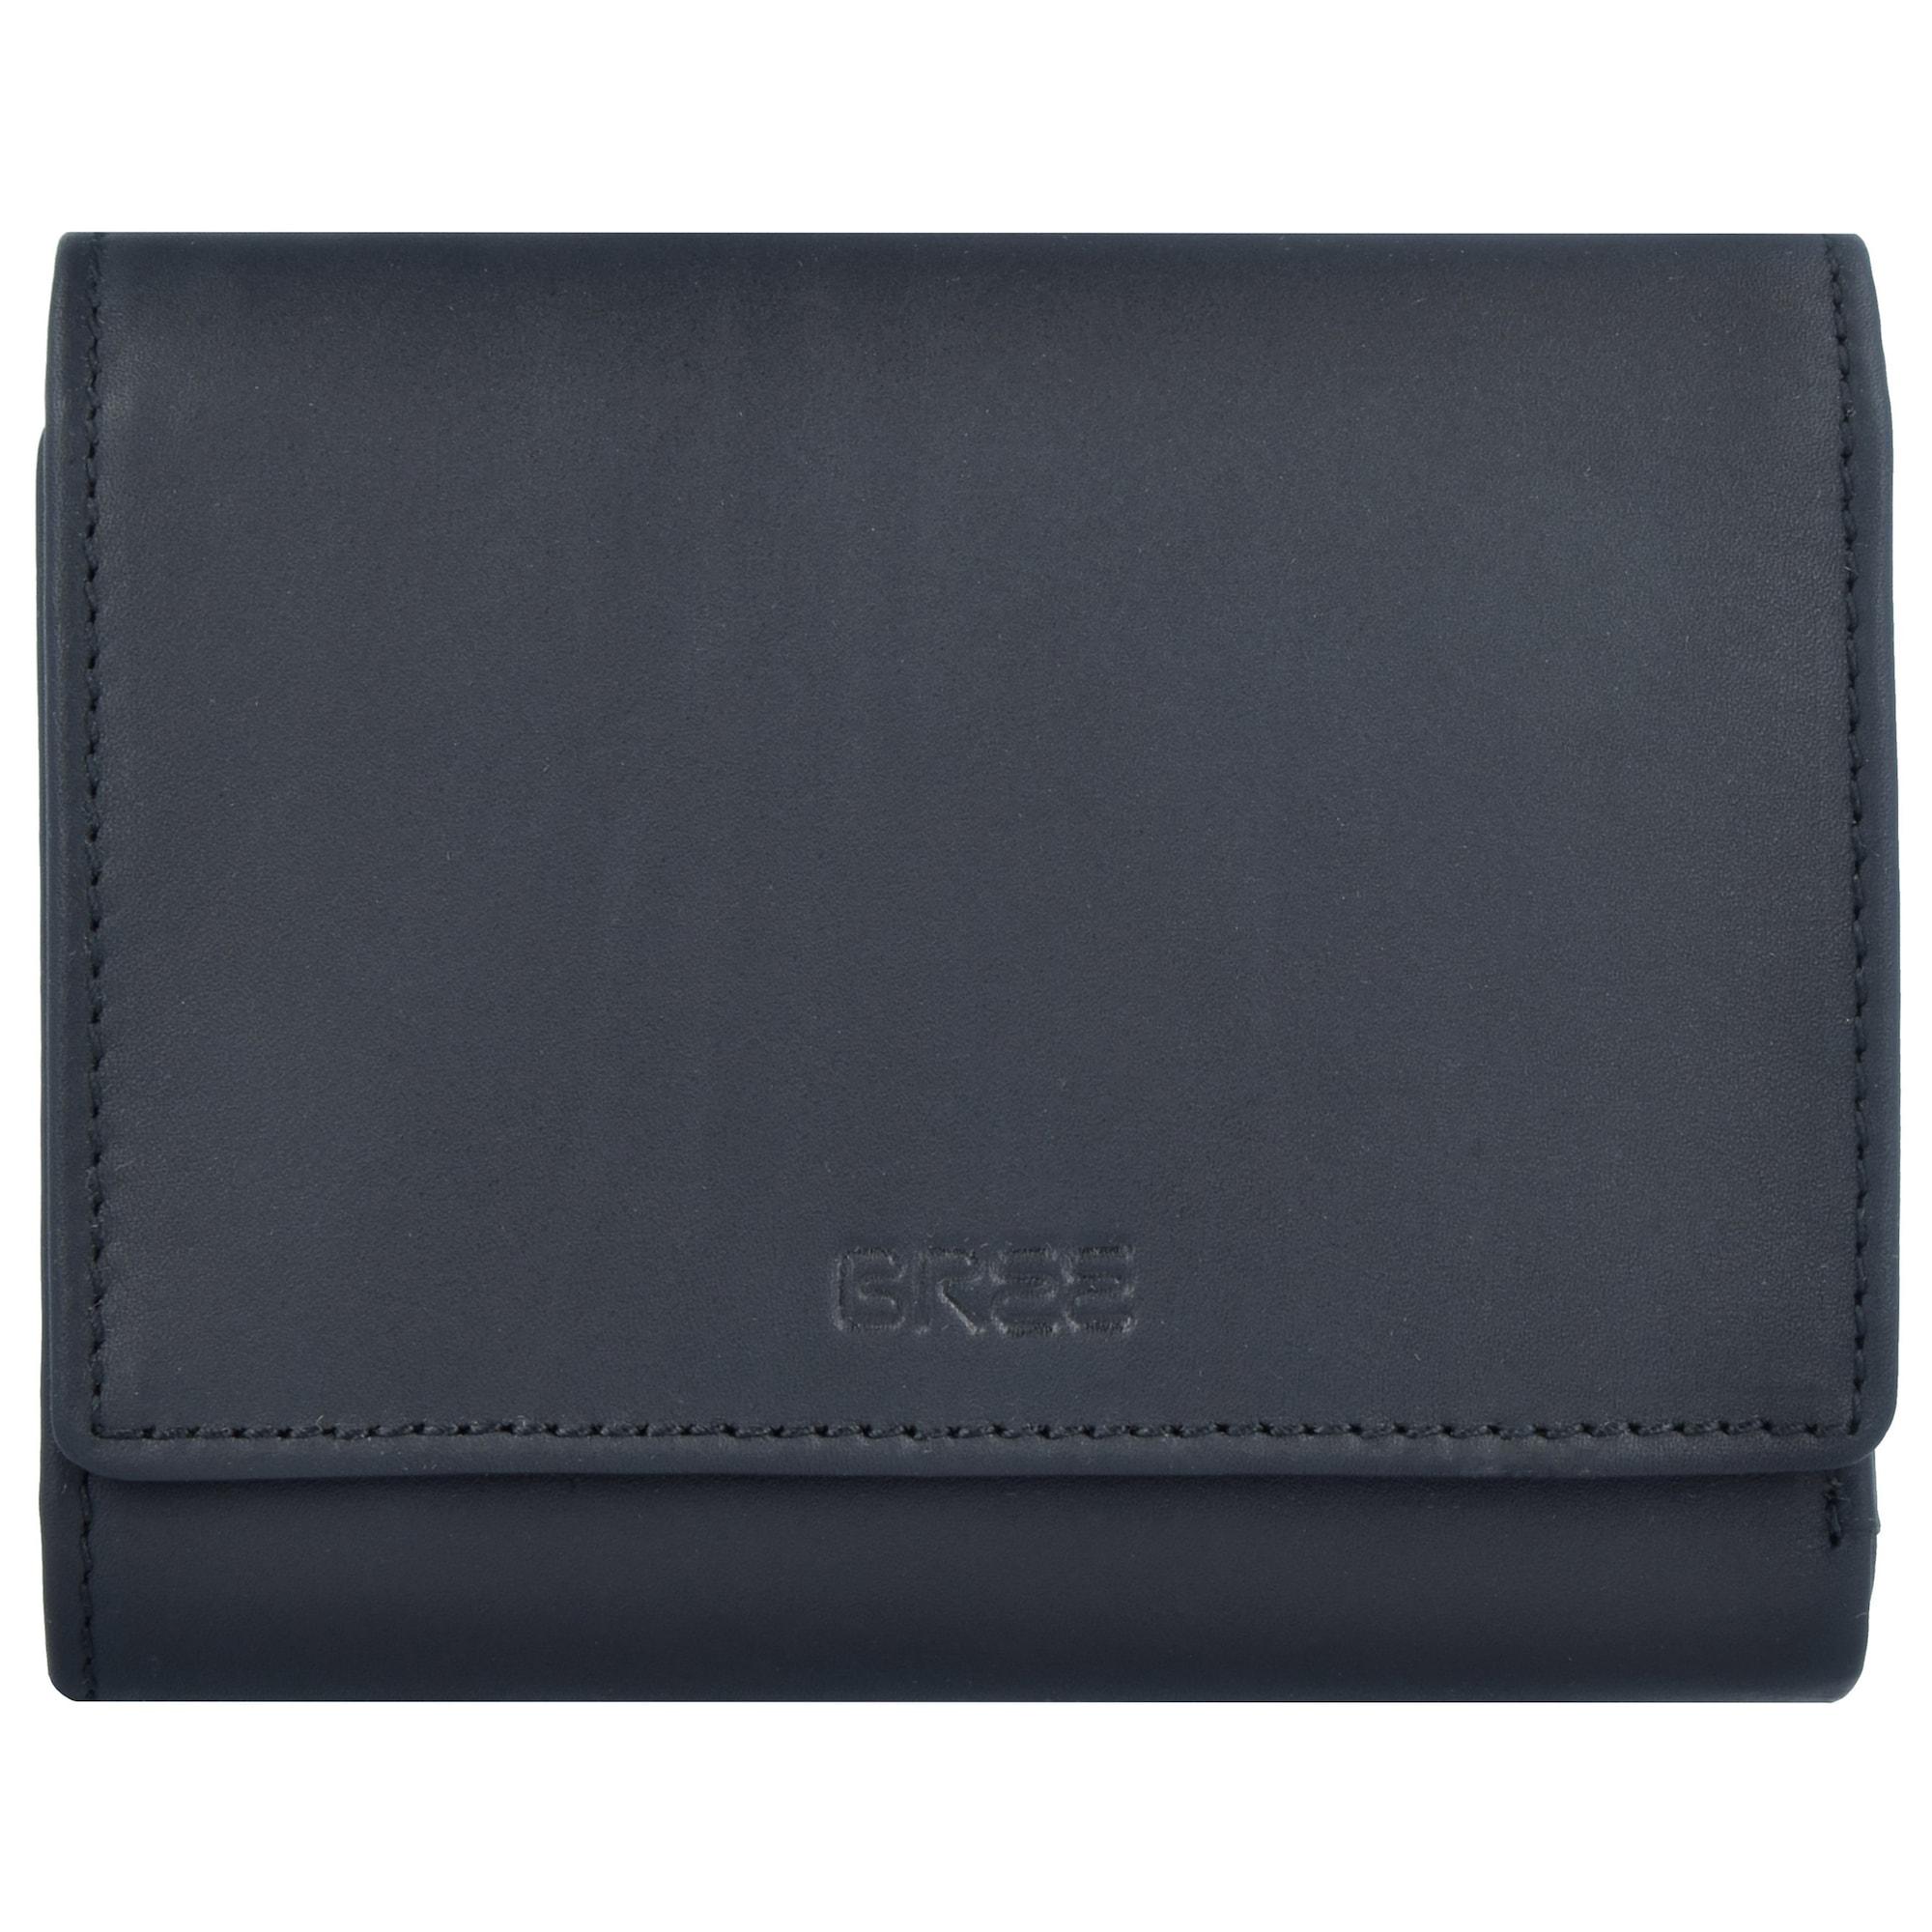 Geldbörse 'RFID'   Accessoires > Portemonnaies > Geldbörsen   Schwarz   Bree